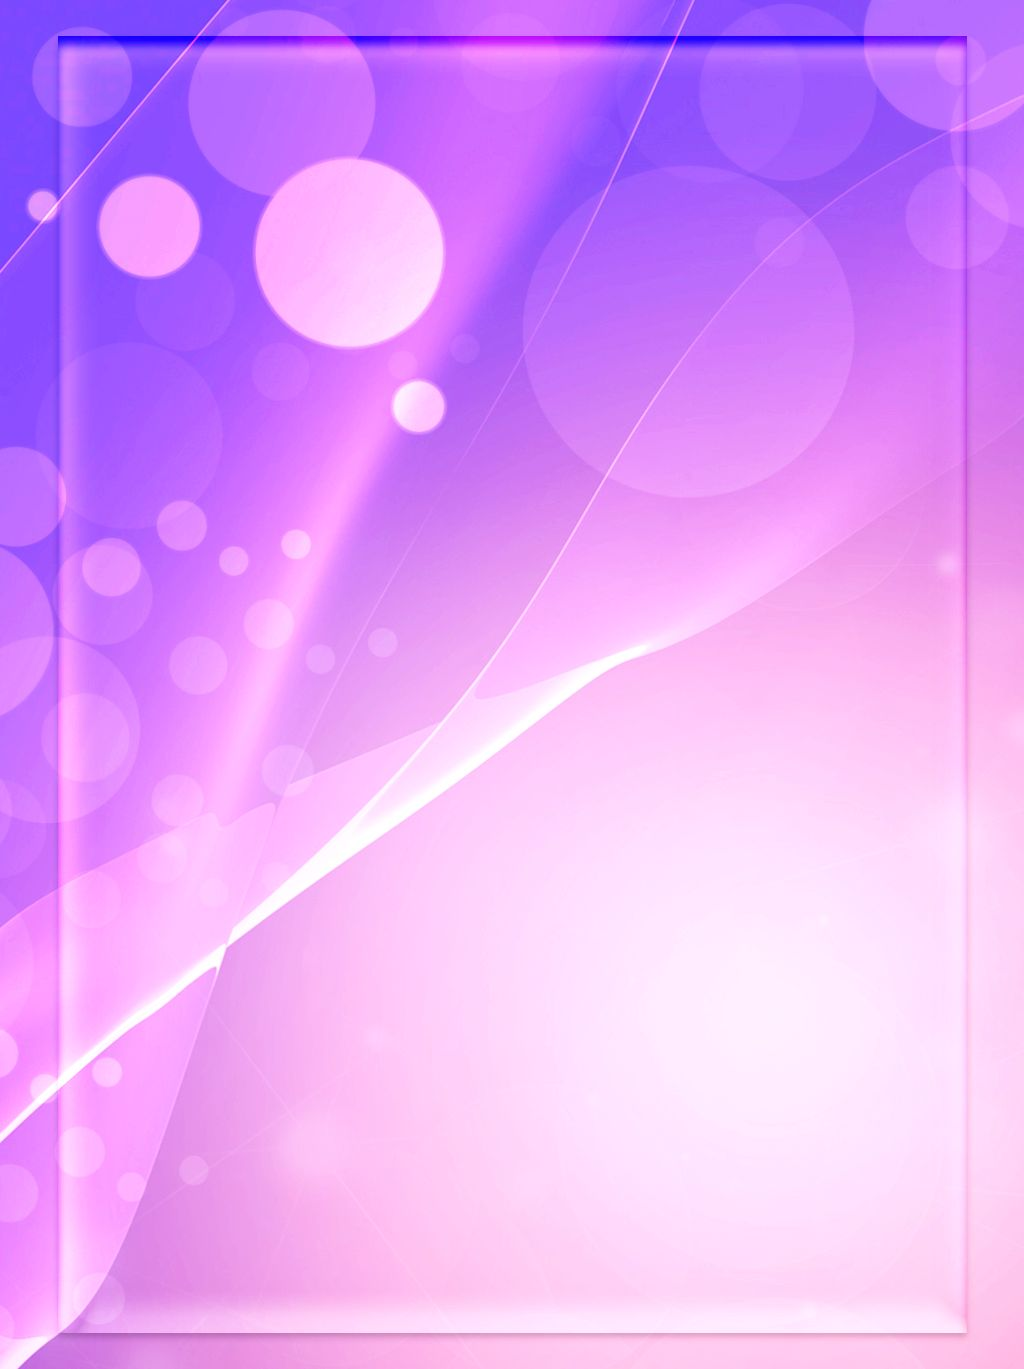 affiche le fond bleu violet bleu violet  u00e9mettant de la